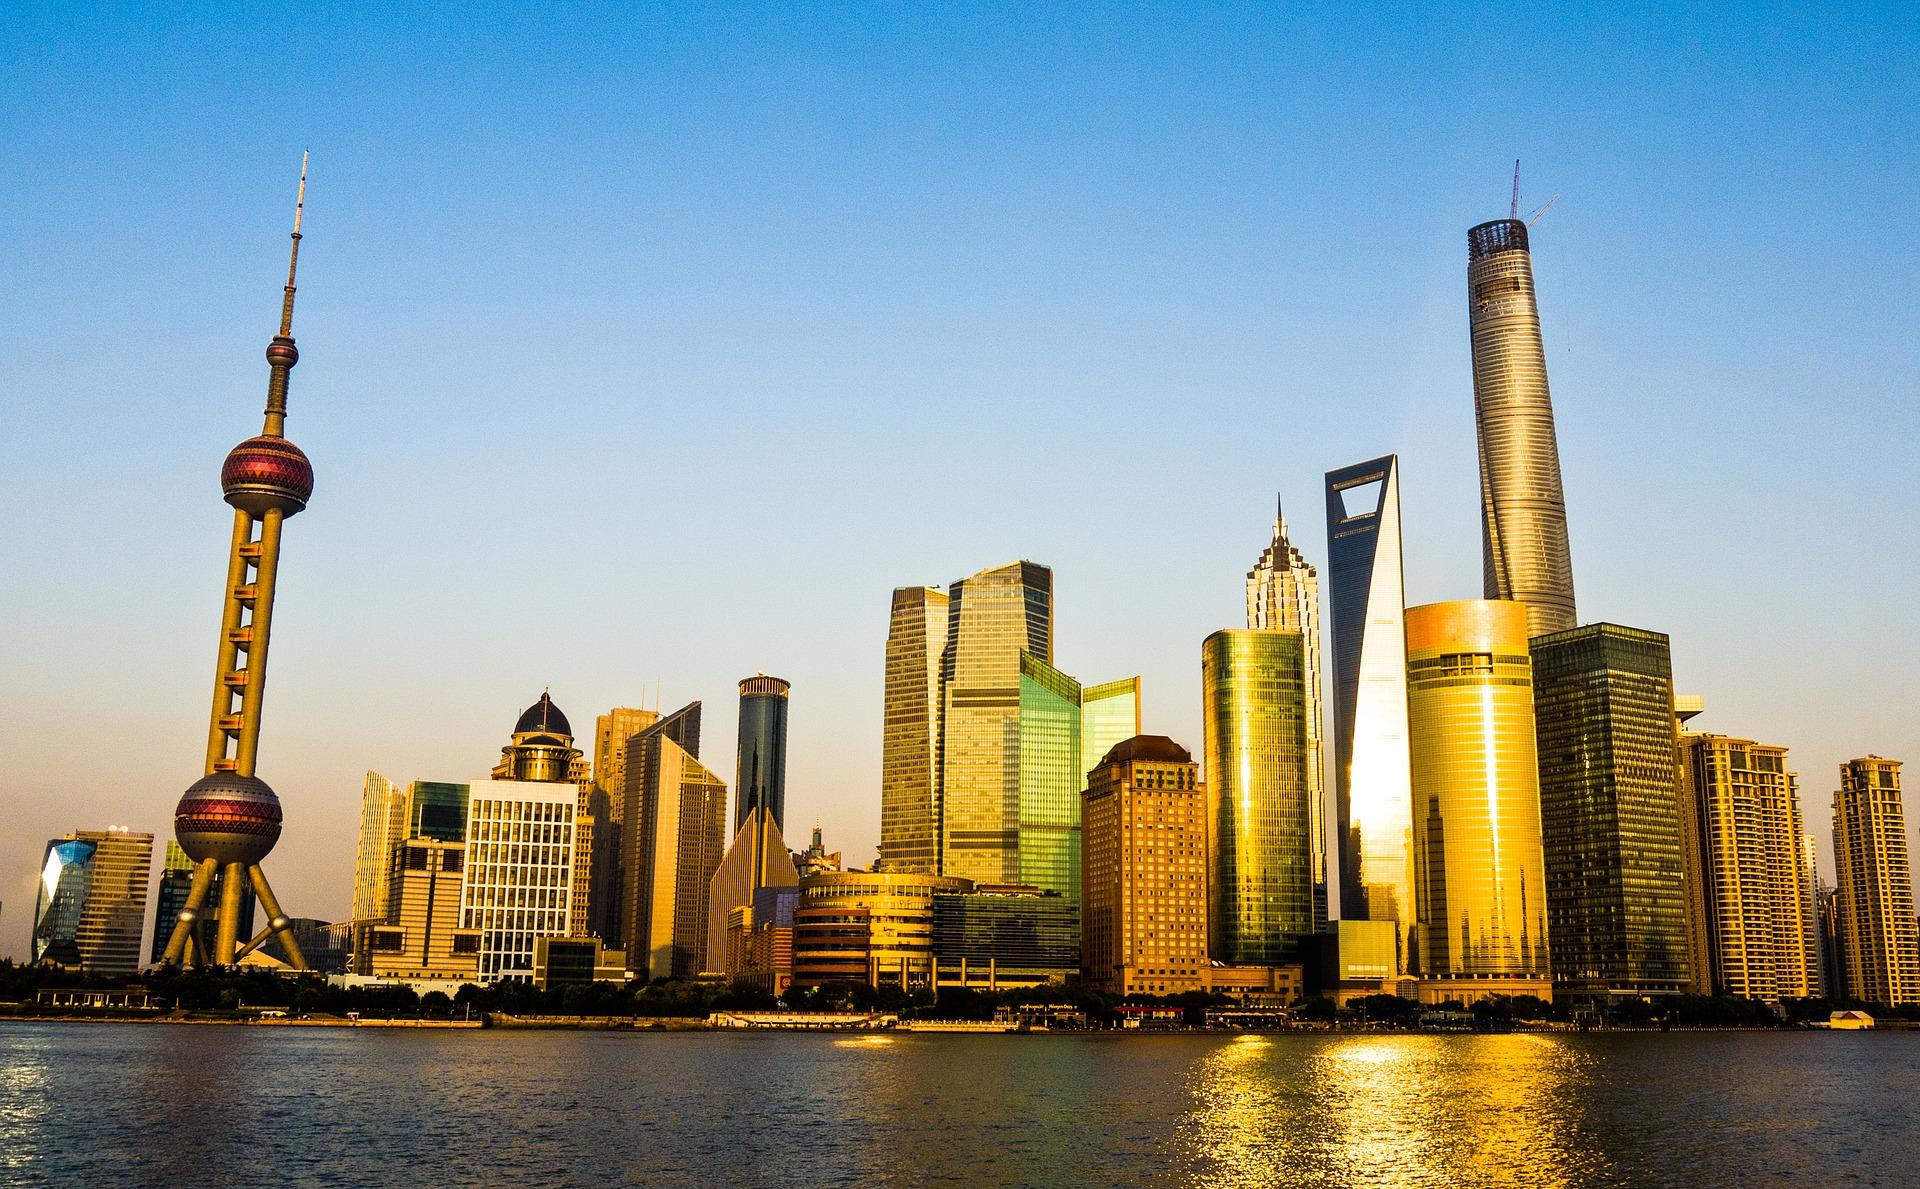 Shanghai Pudong city